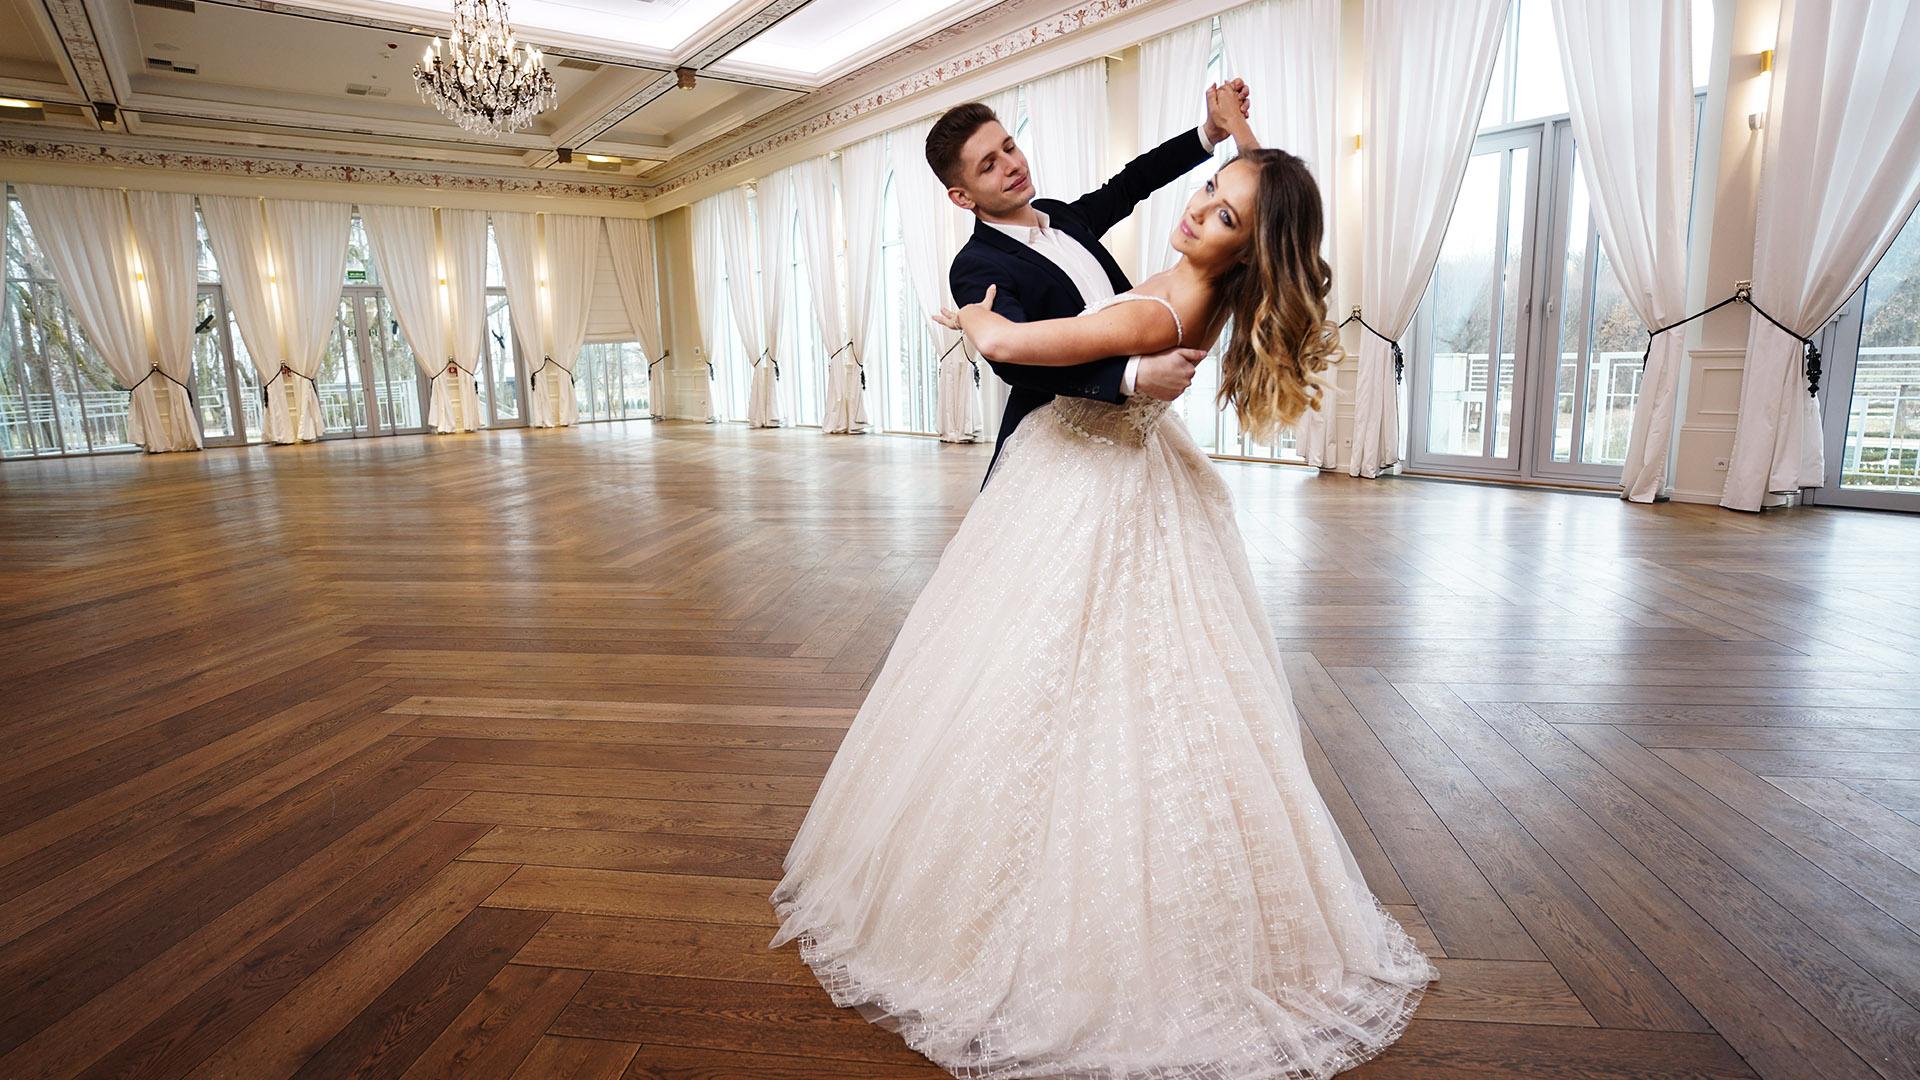 PREMIERA - Dumka Na Dwa Serca - Polska Piosenka na Pierwszy Taniec